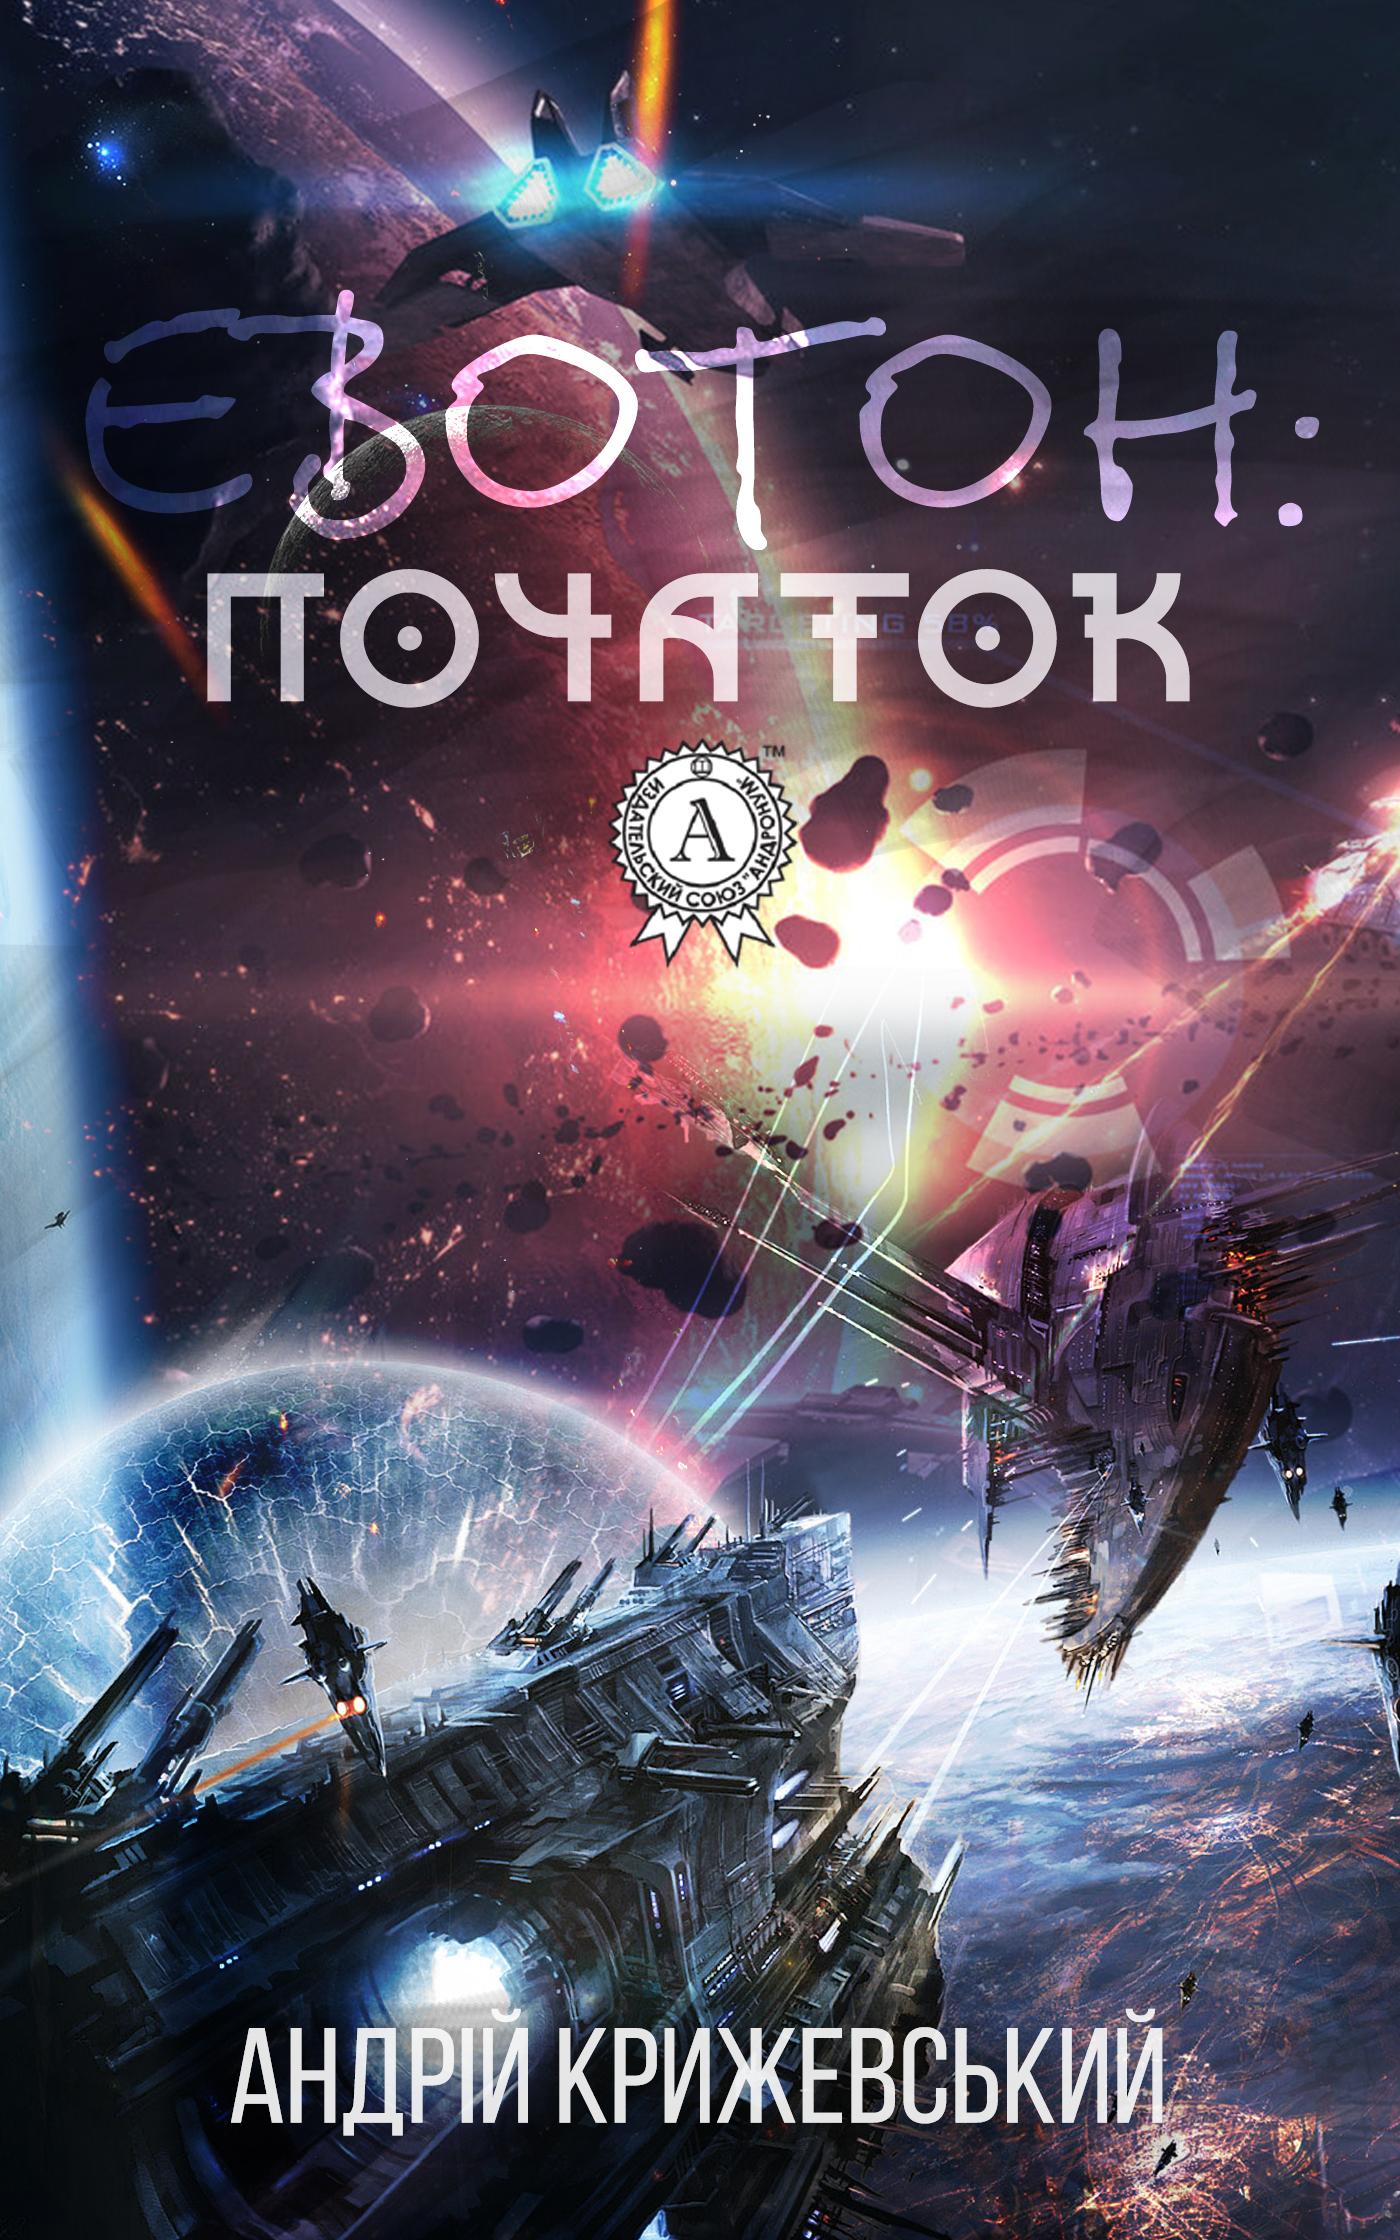 Андрій Крижевський Евотон: початок последний космический шанс зачем землянам чужие миры